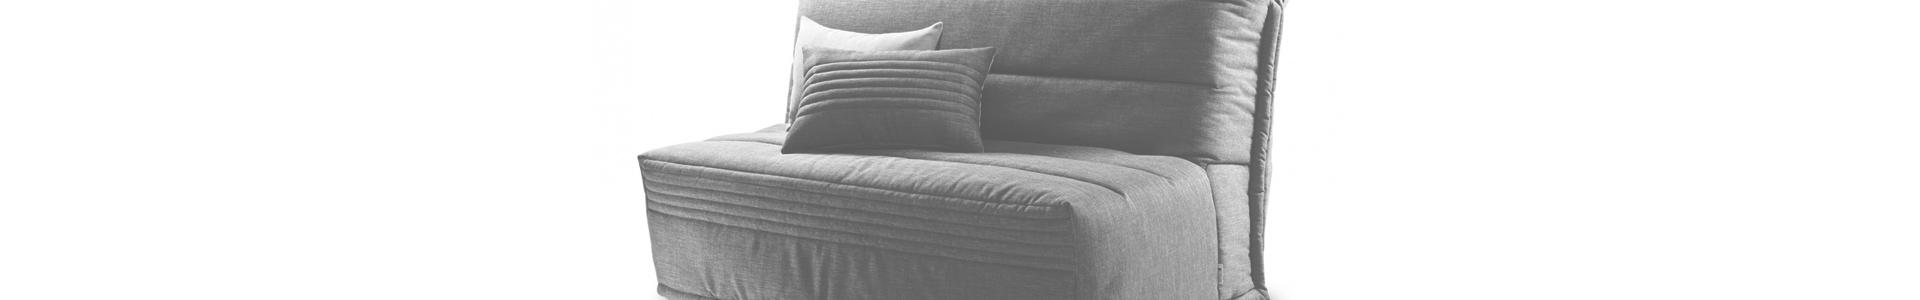 canape bz maison de la literie maison et mobilier d 39 int rieur. Black Bedroom Furniture Sets. Home Design Ideas